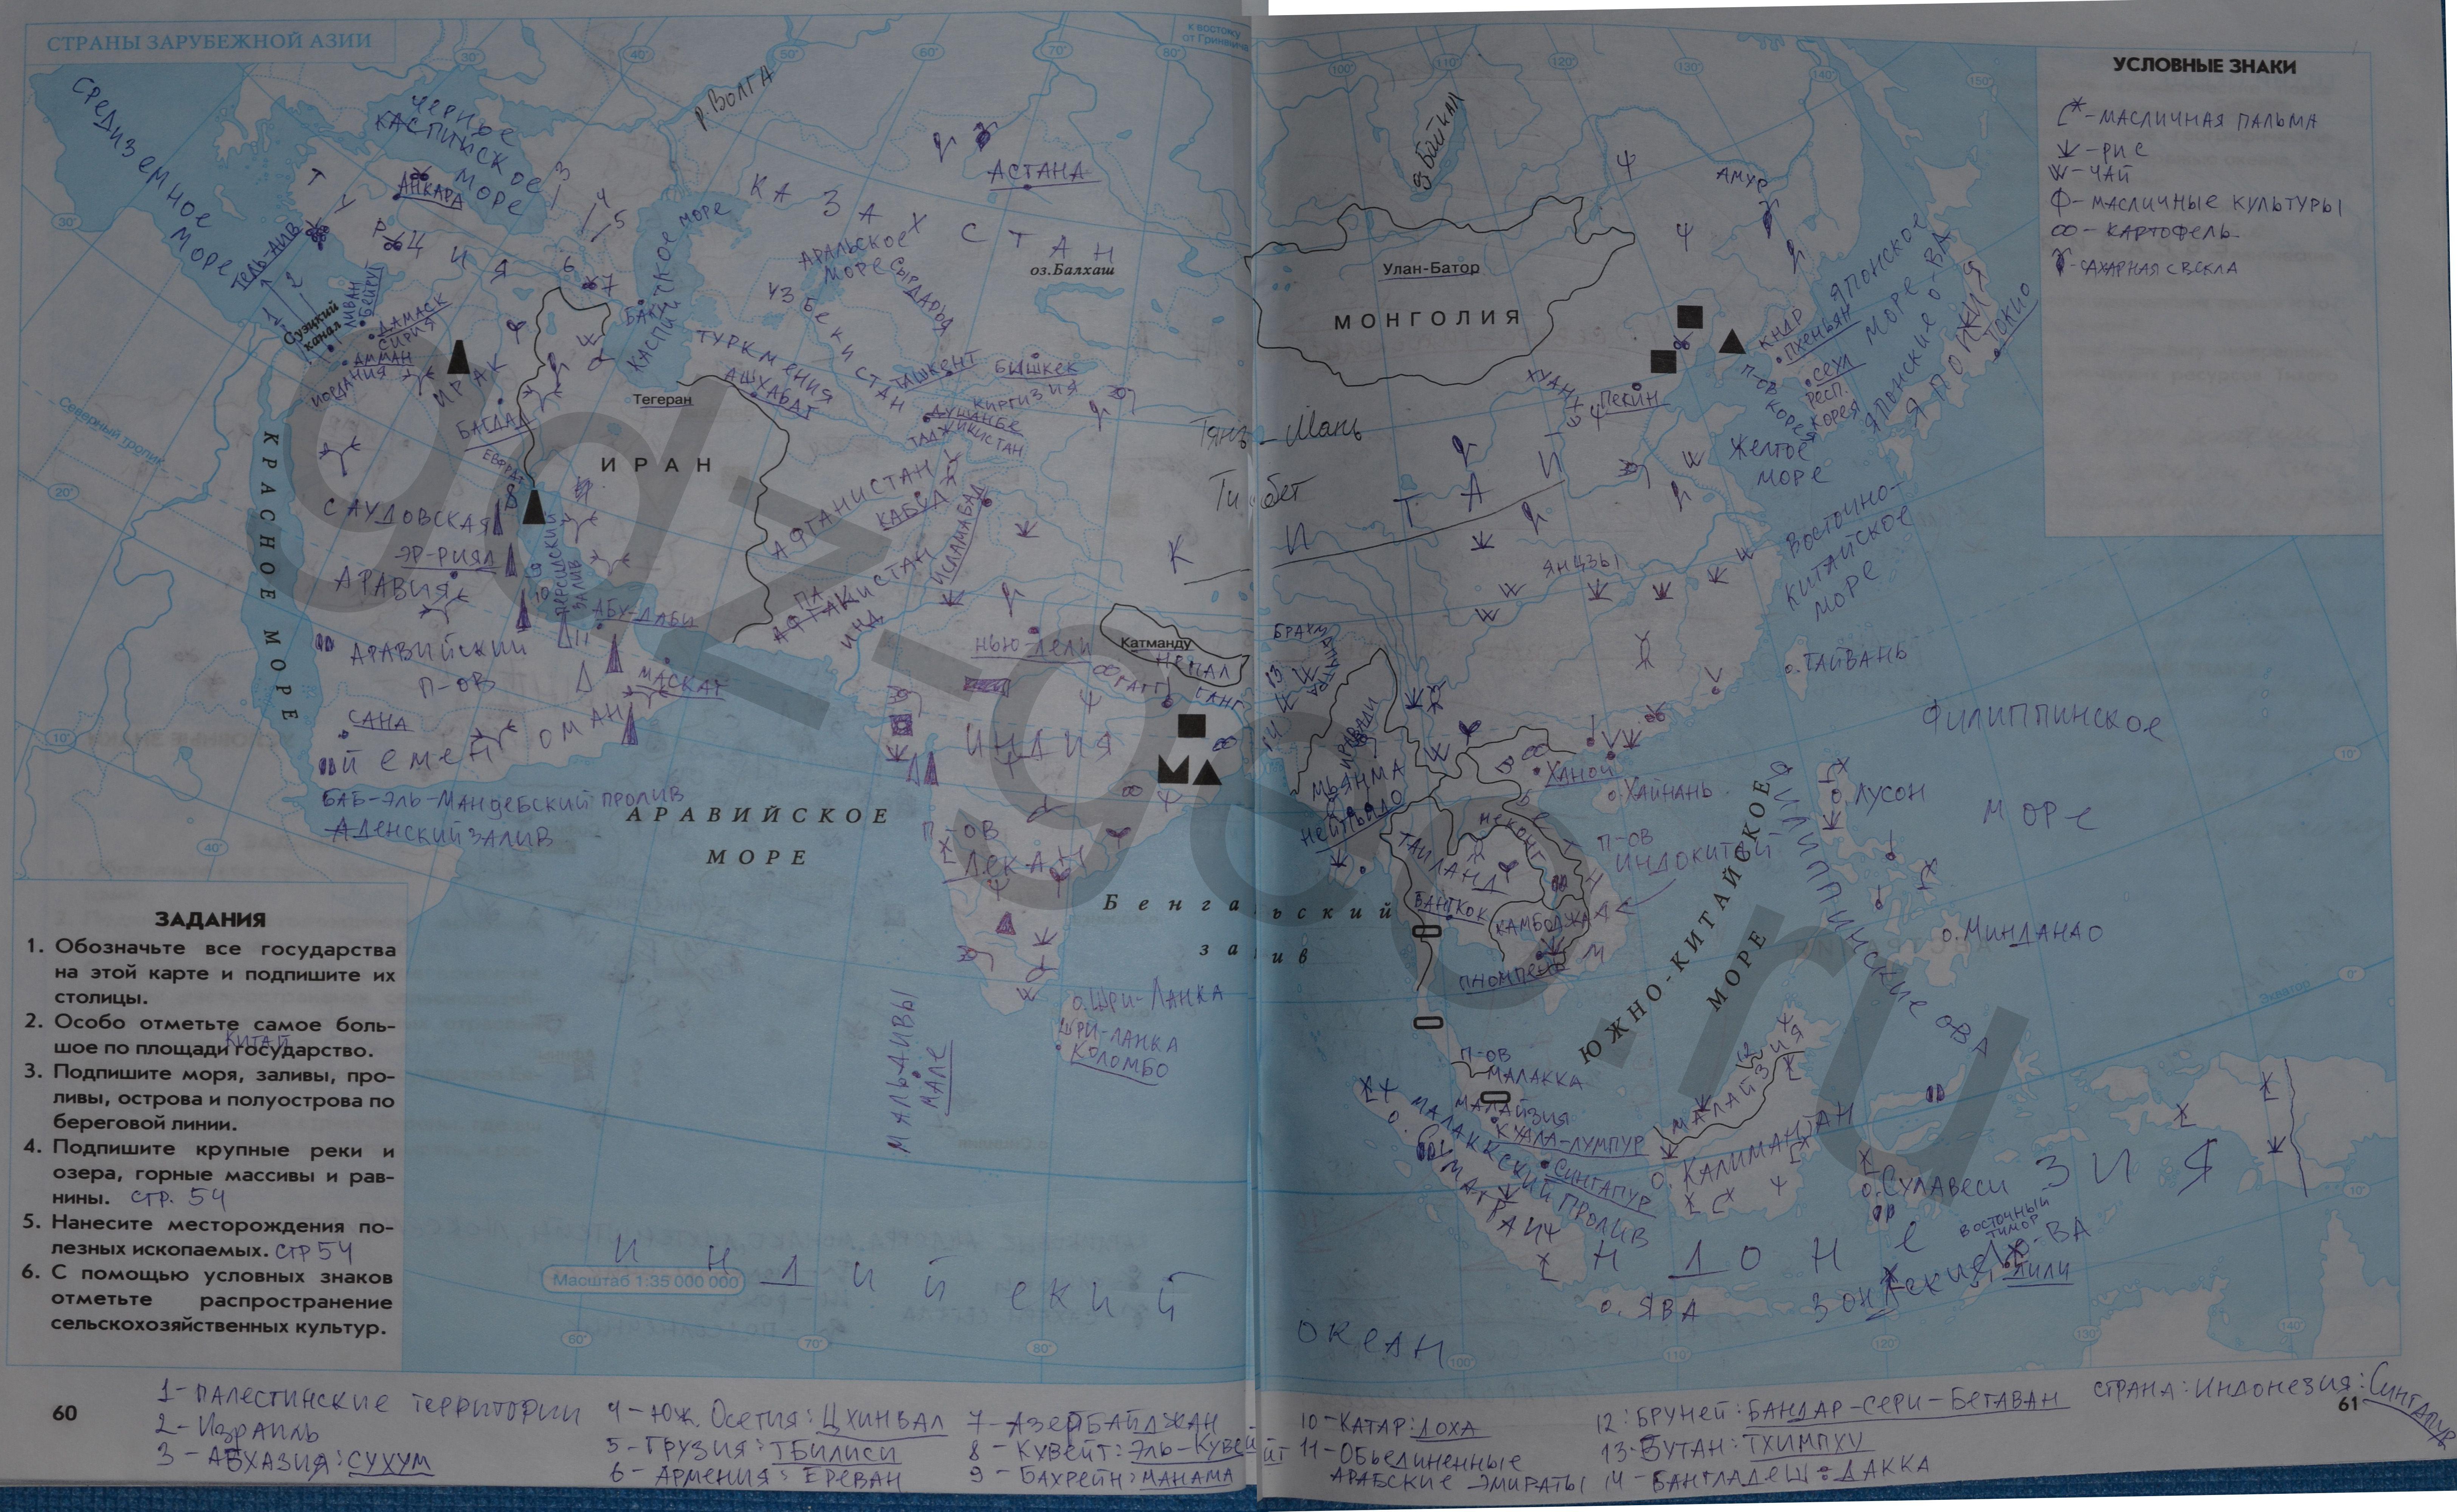 Сделанные домашние задания по контурным картам 10 класс заподной азии в картинках